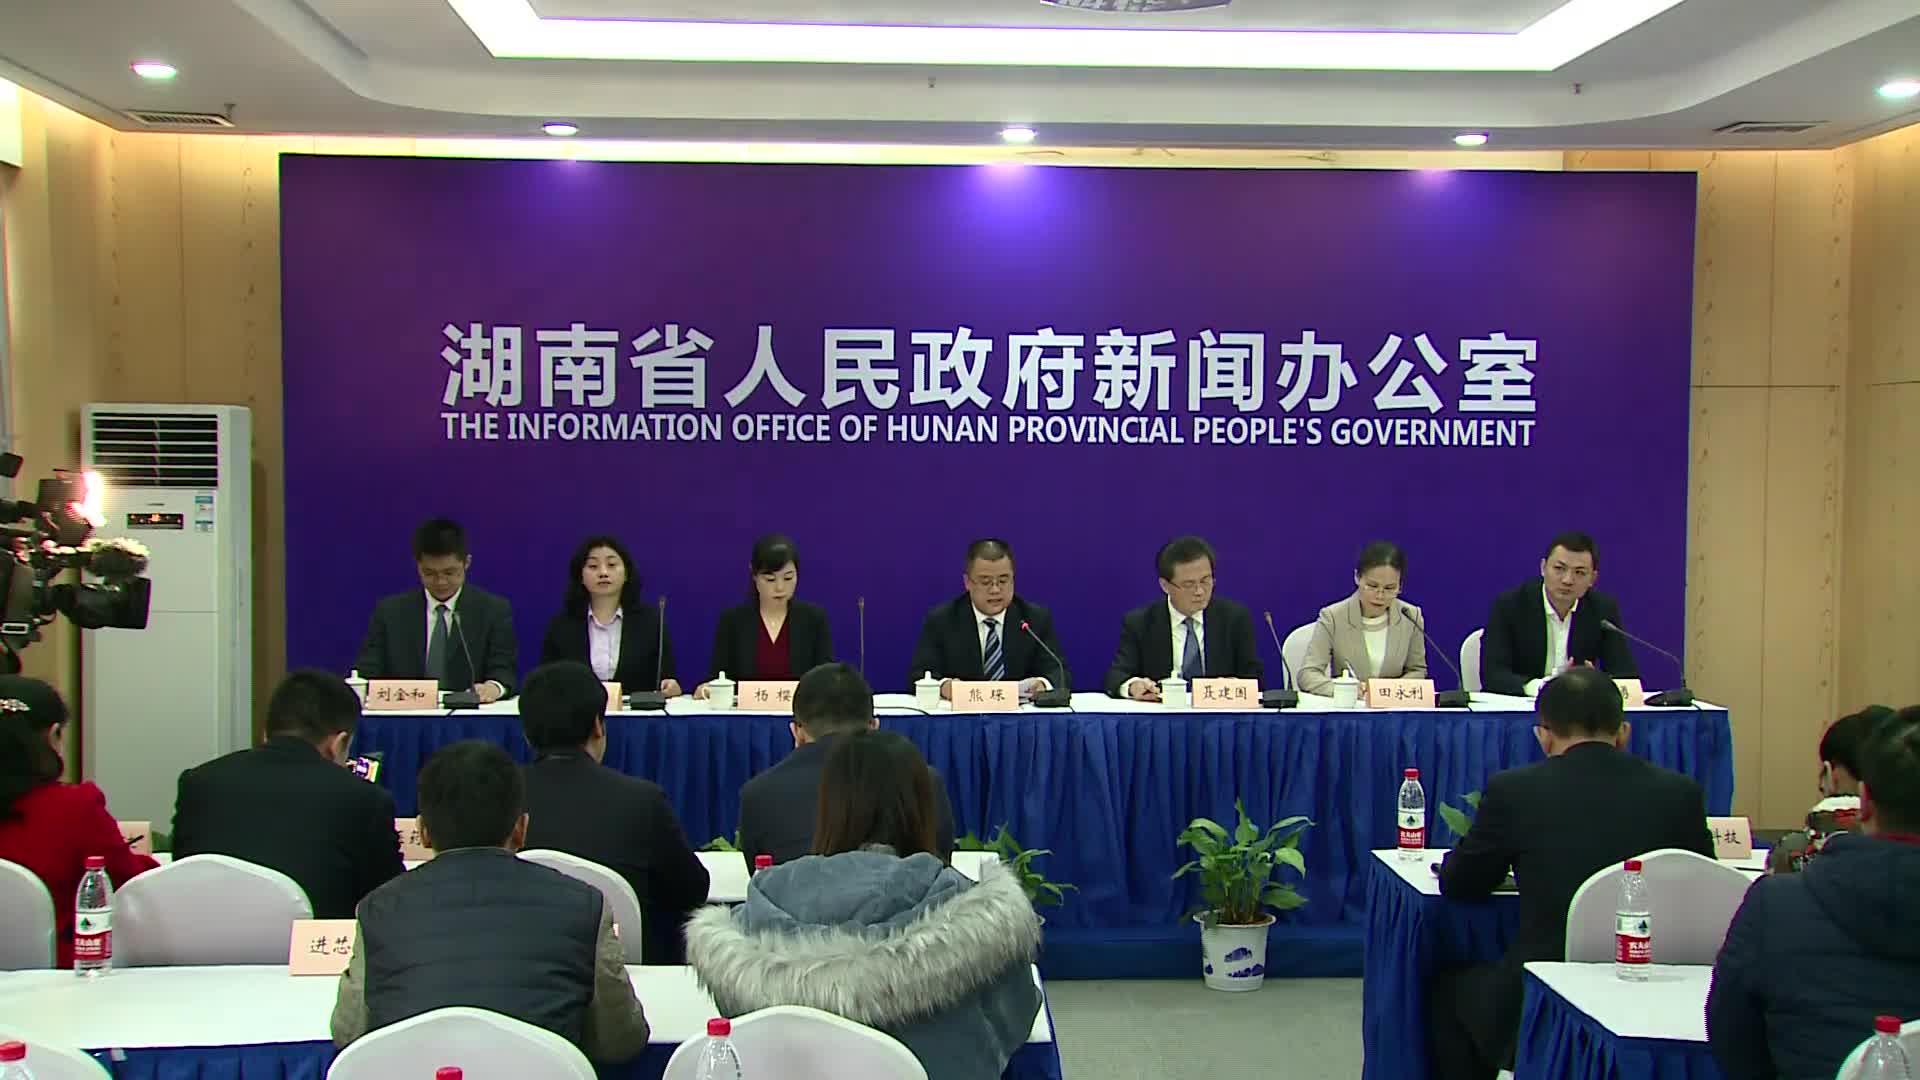 【全程回放】湖南省介绍银行金融机构支持民营经济和小微企业发展情况新闻发布会